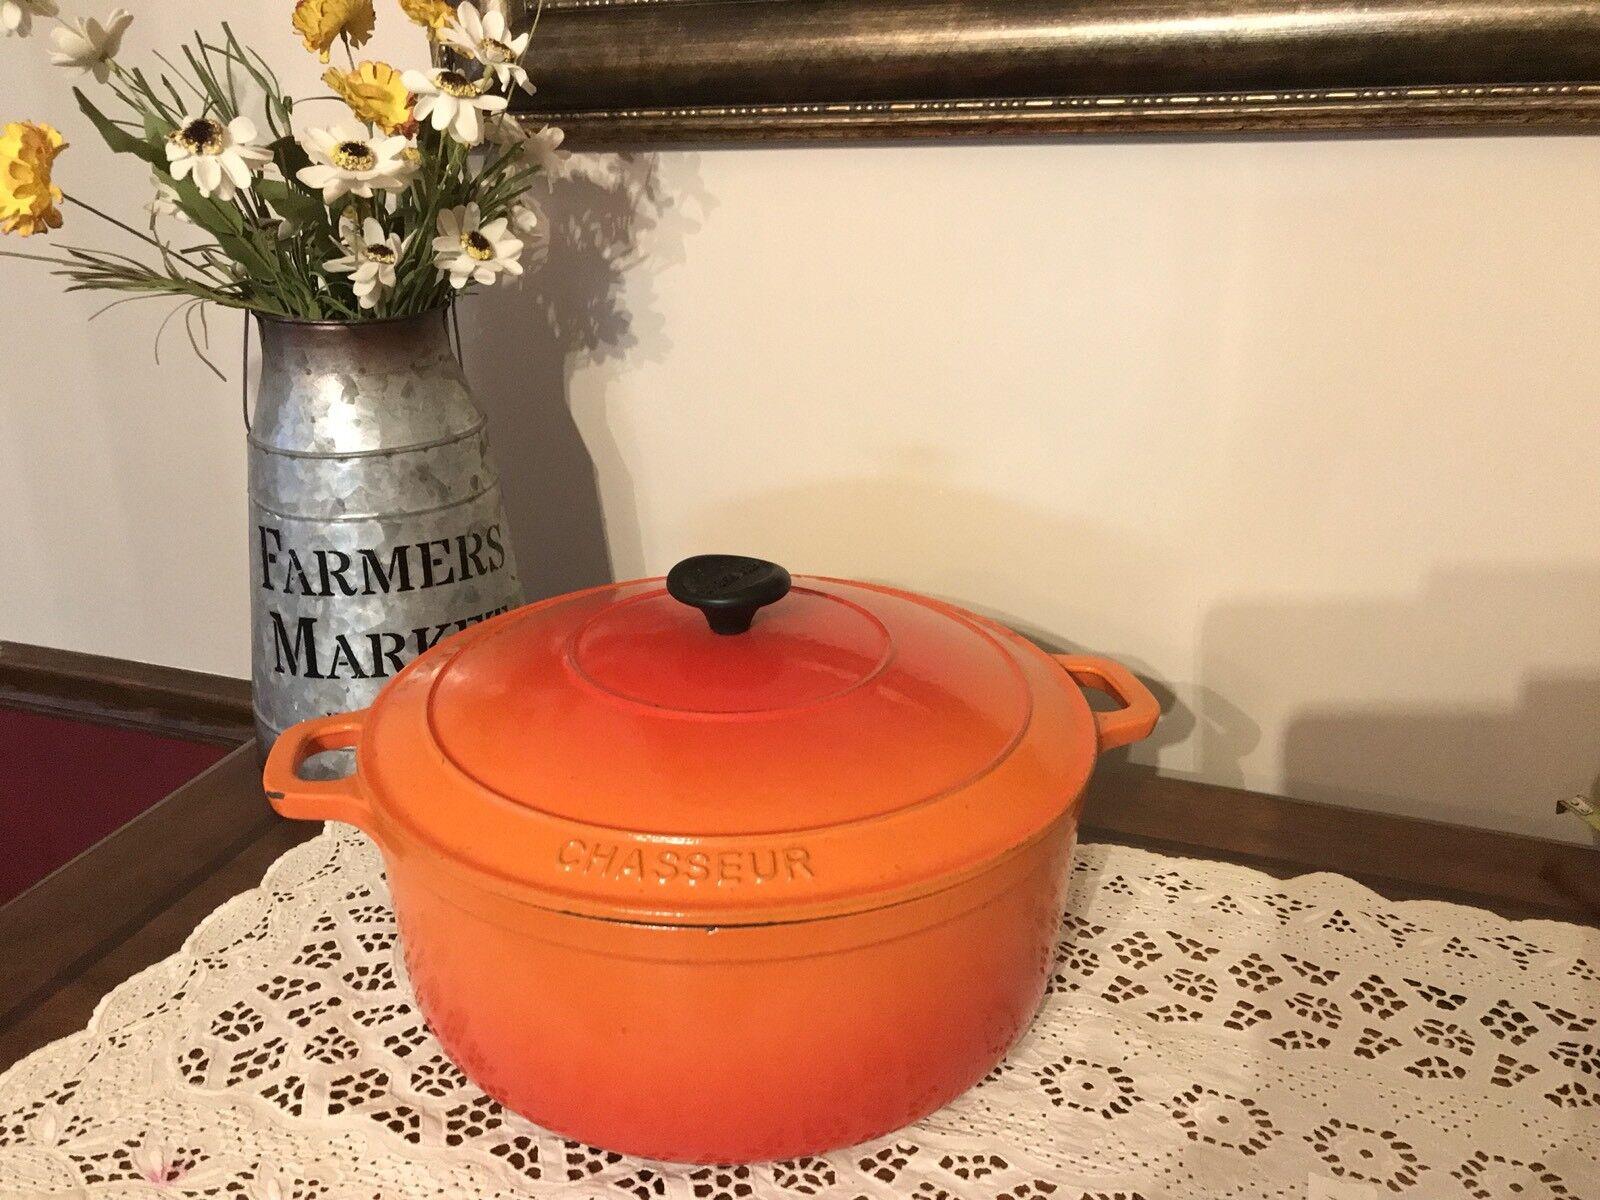 Chasseur 28cm 6.3L ronda Horno francés Naranja utensilios de cocina de hierro seguro de inducción